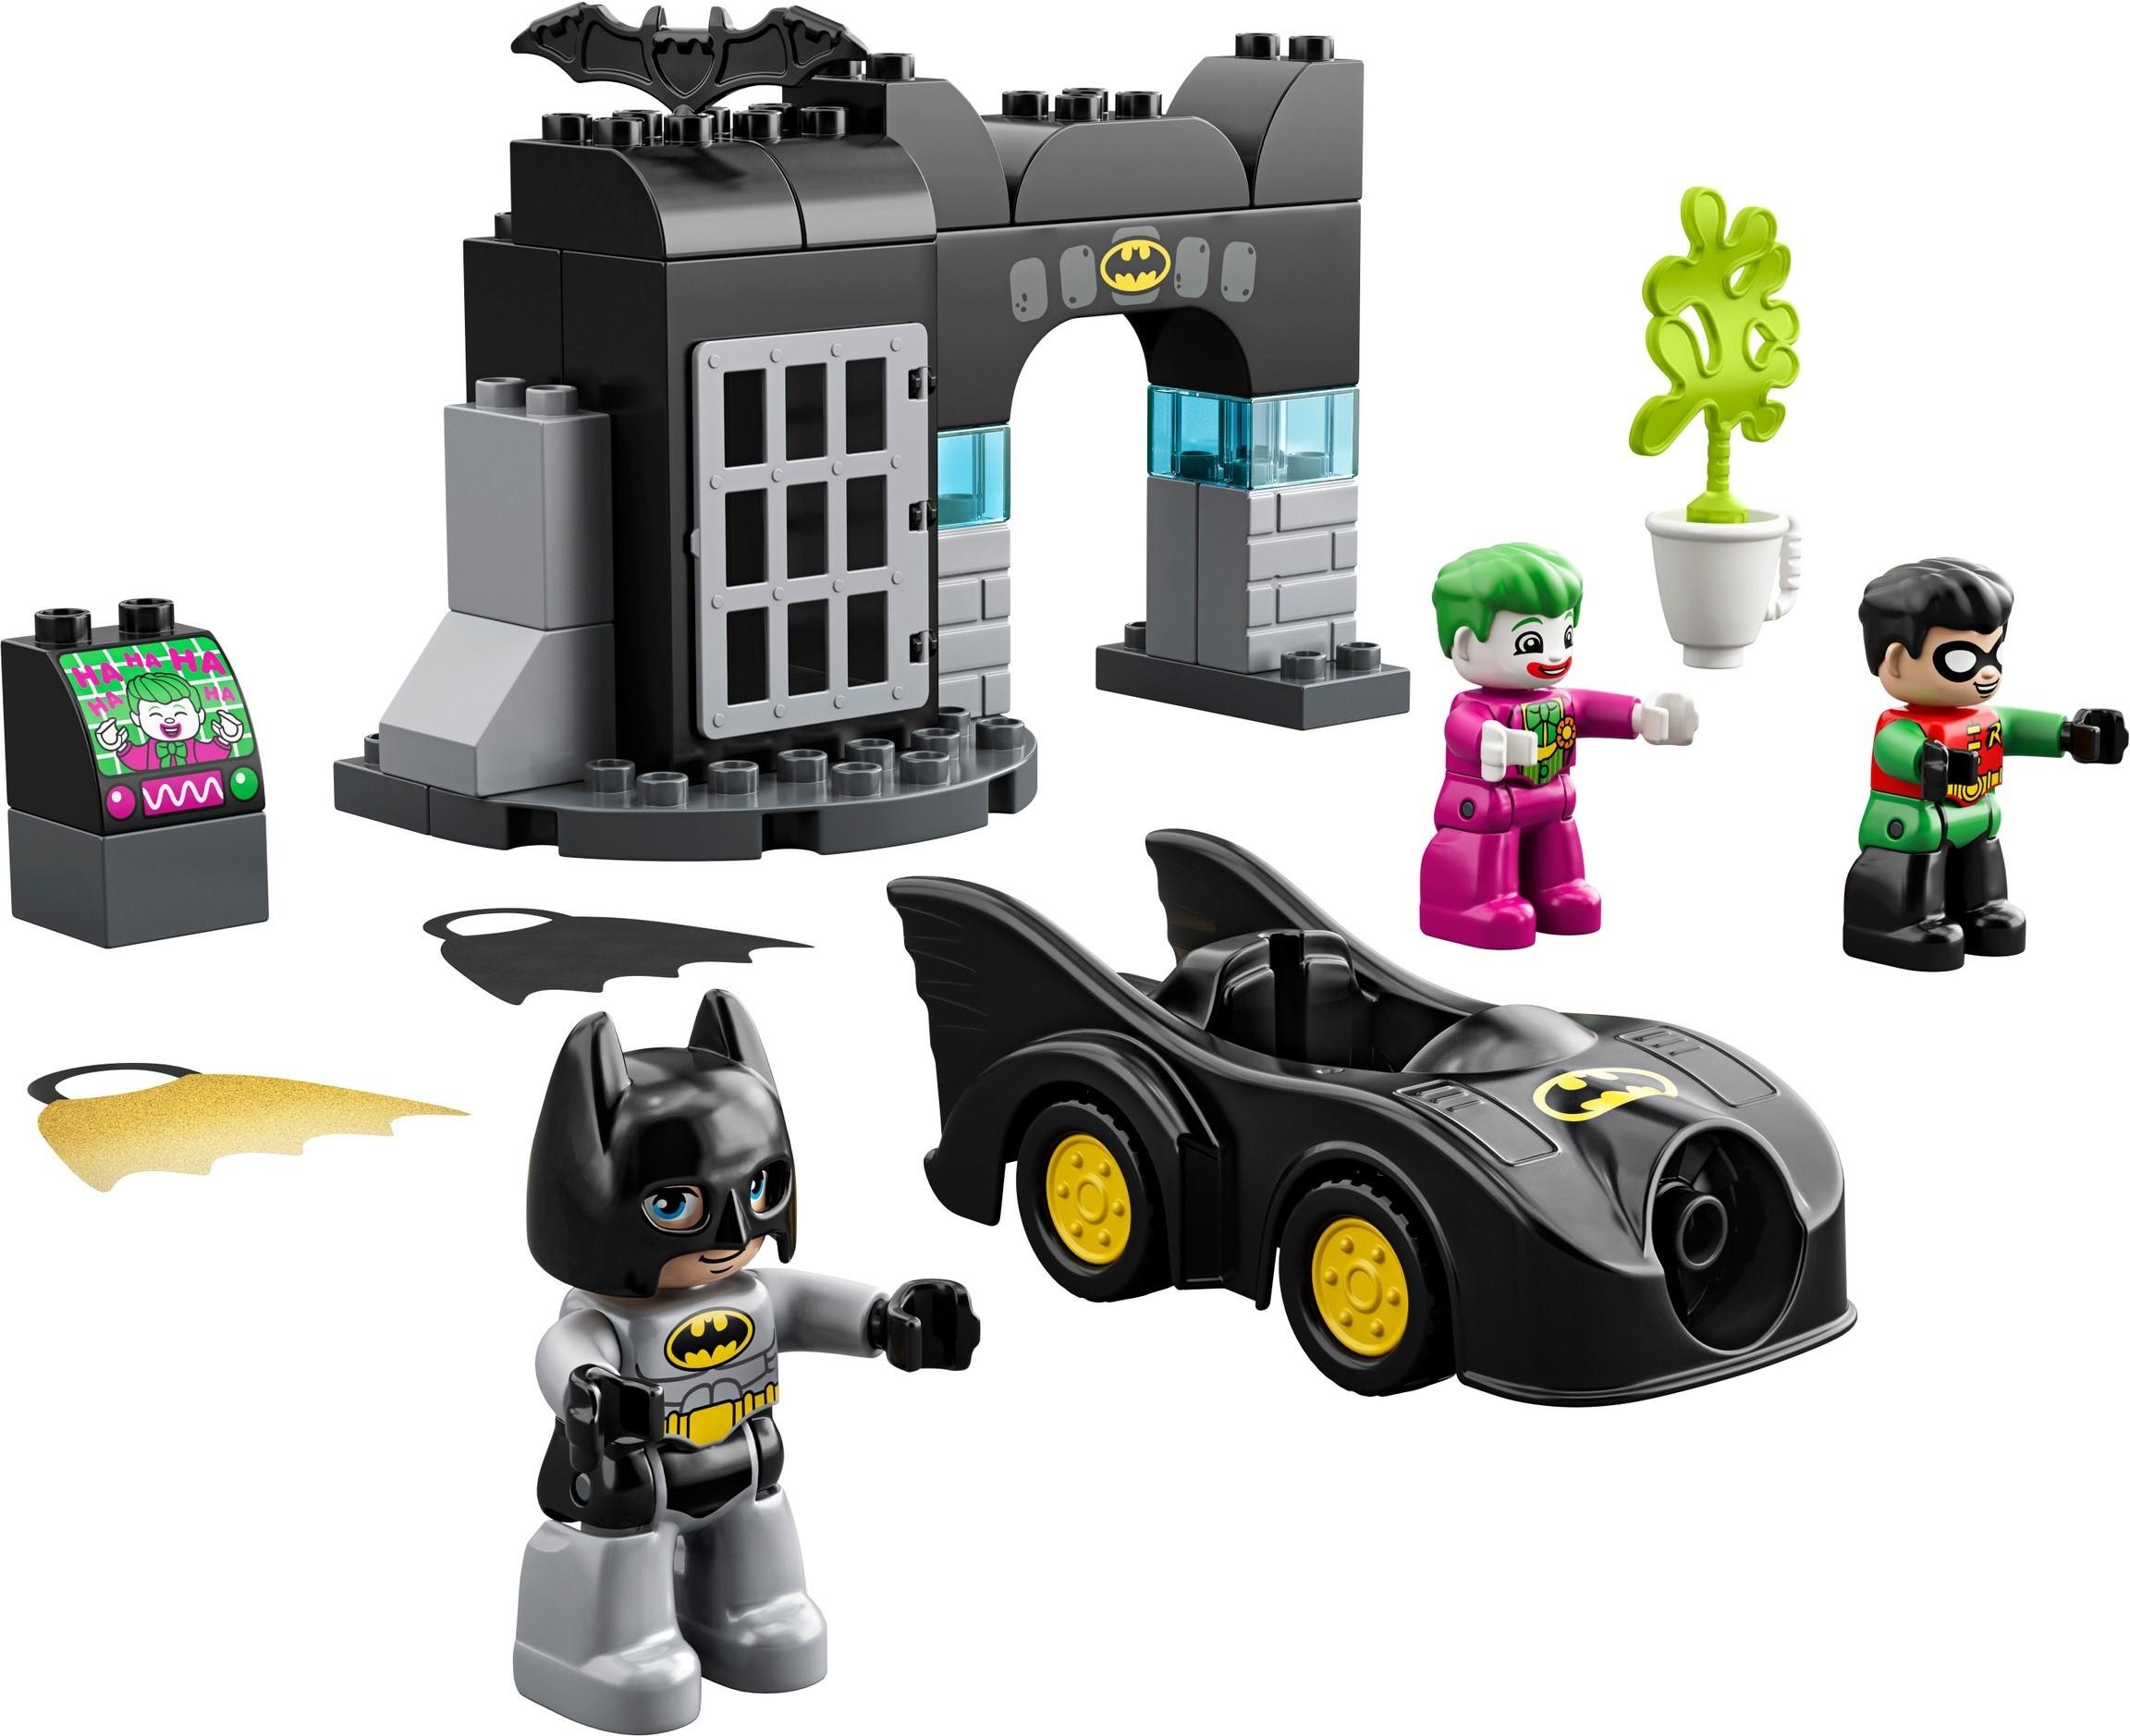 2020 Brickset Lego Set Guide And Database